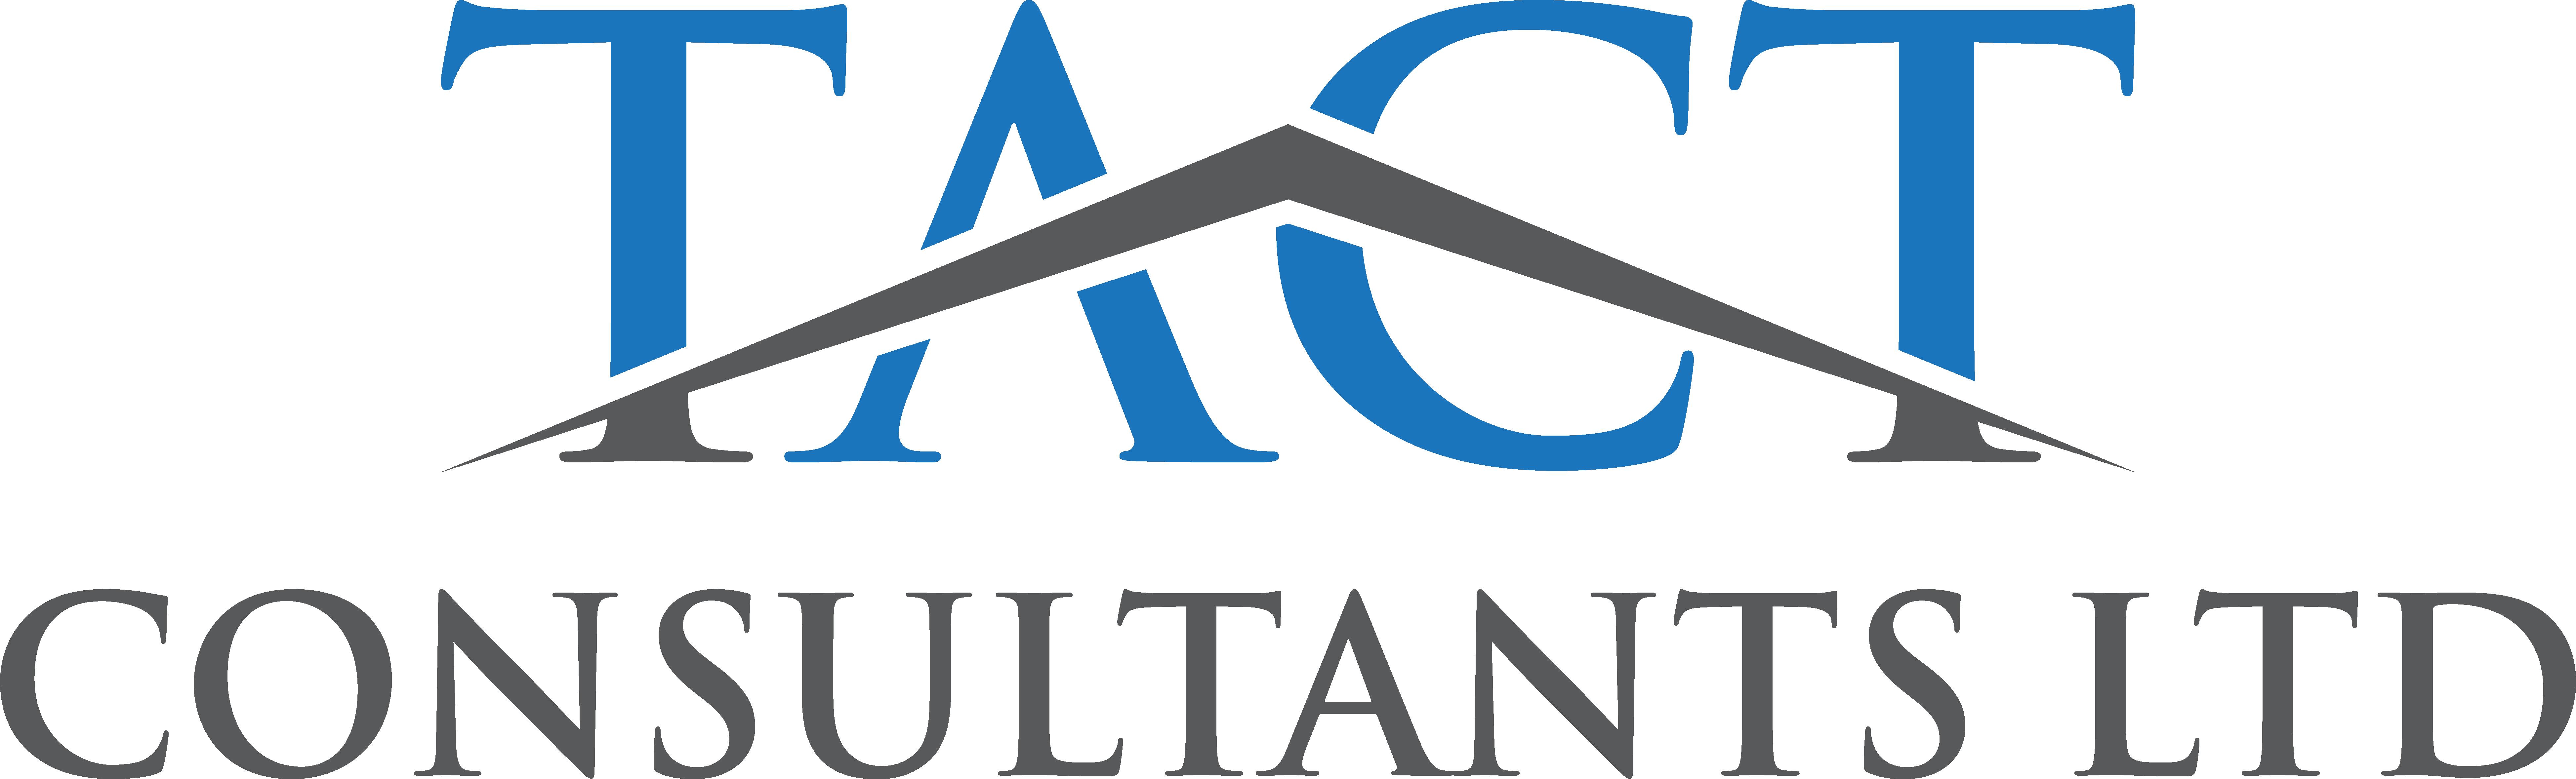 Tact Consultants Ltd